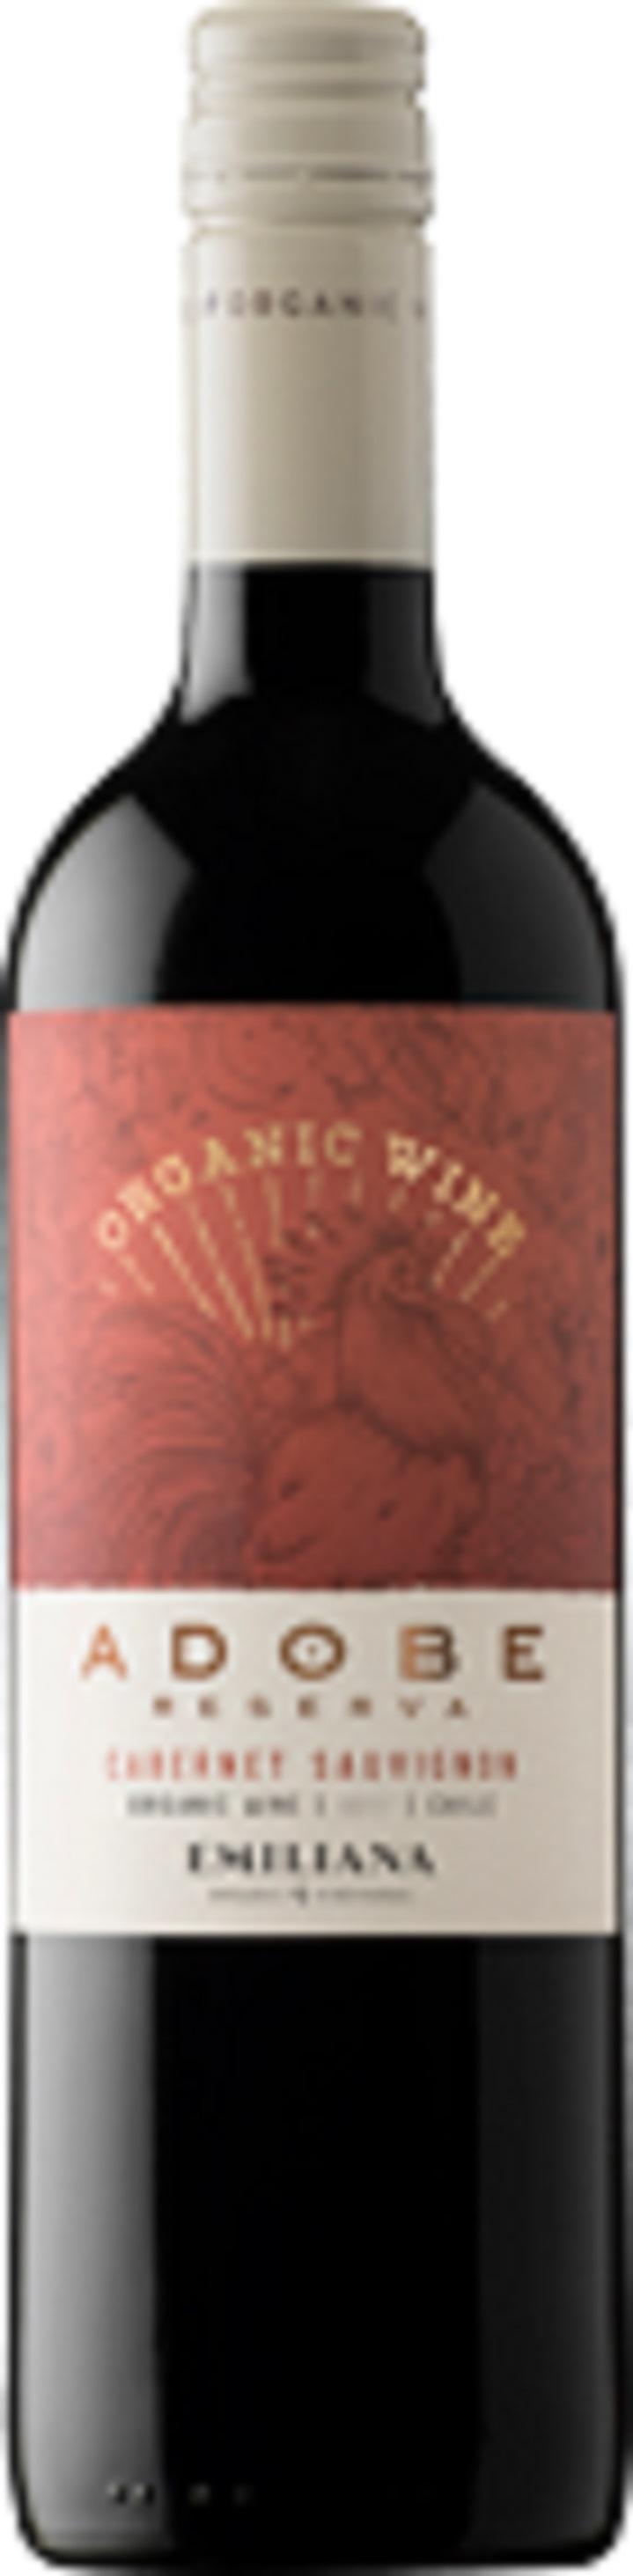 adobe-organic-reserva-cabernet-sauvignon